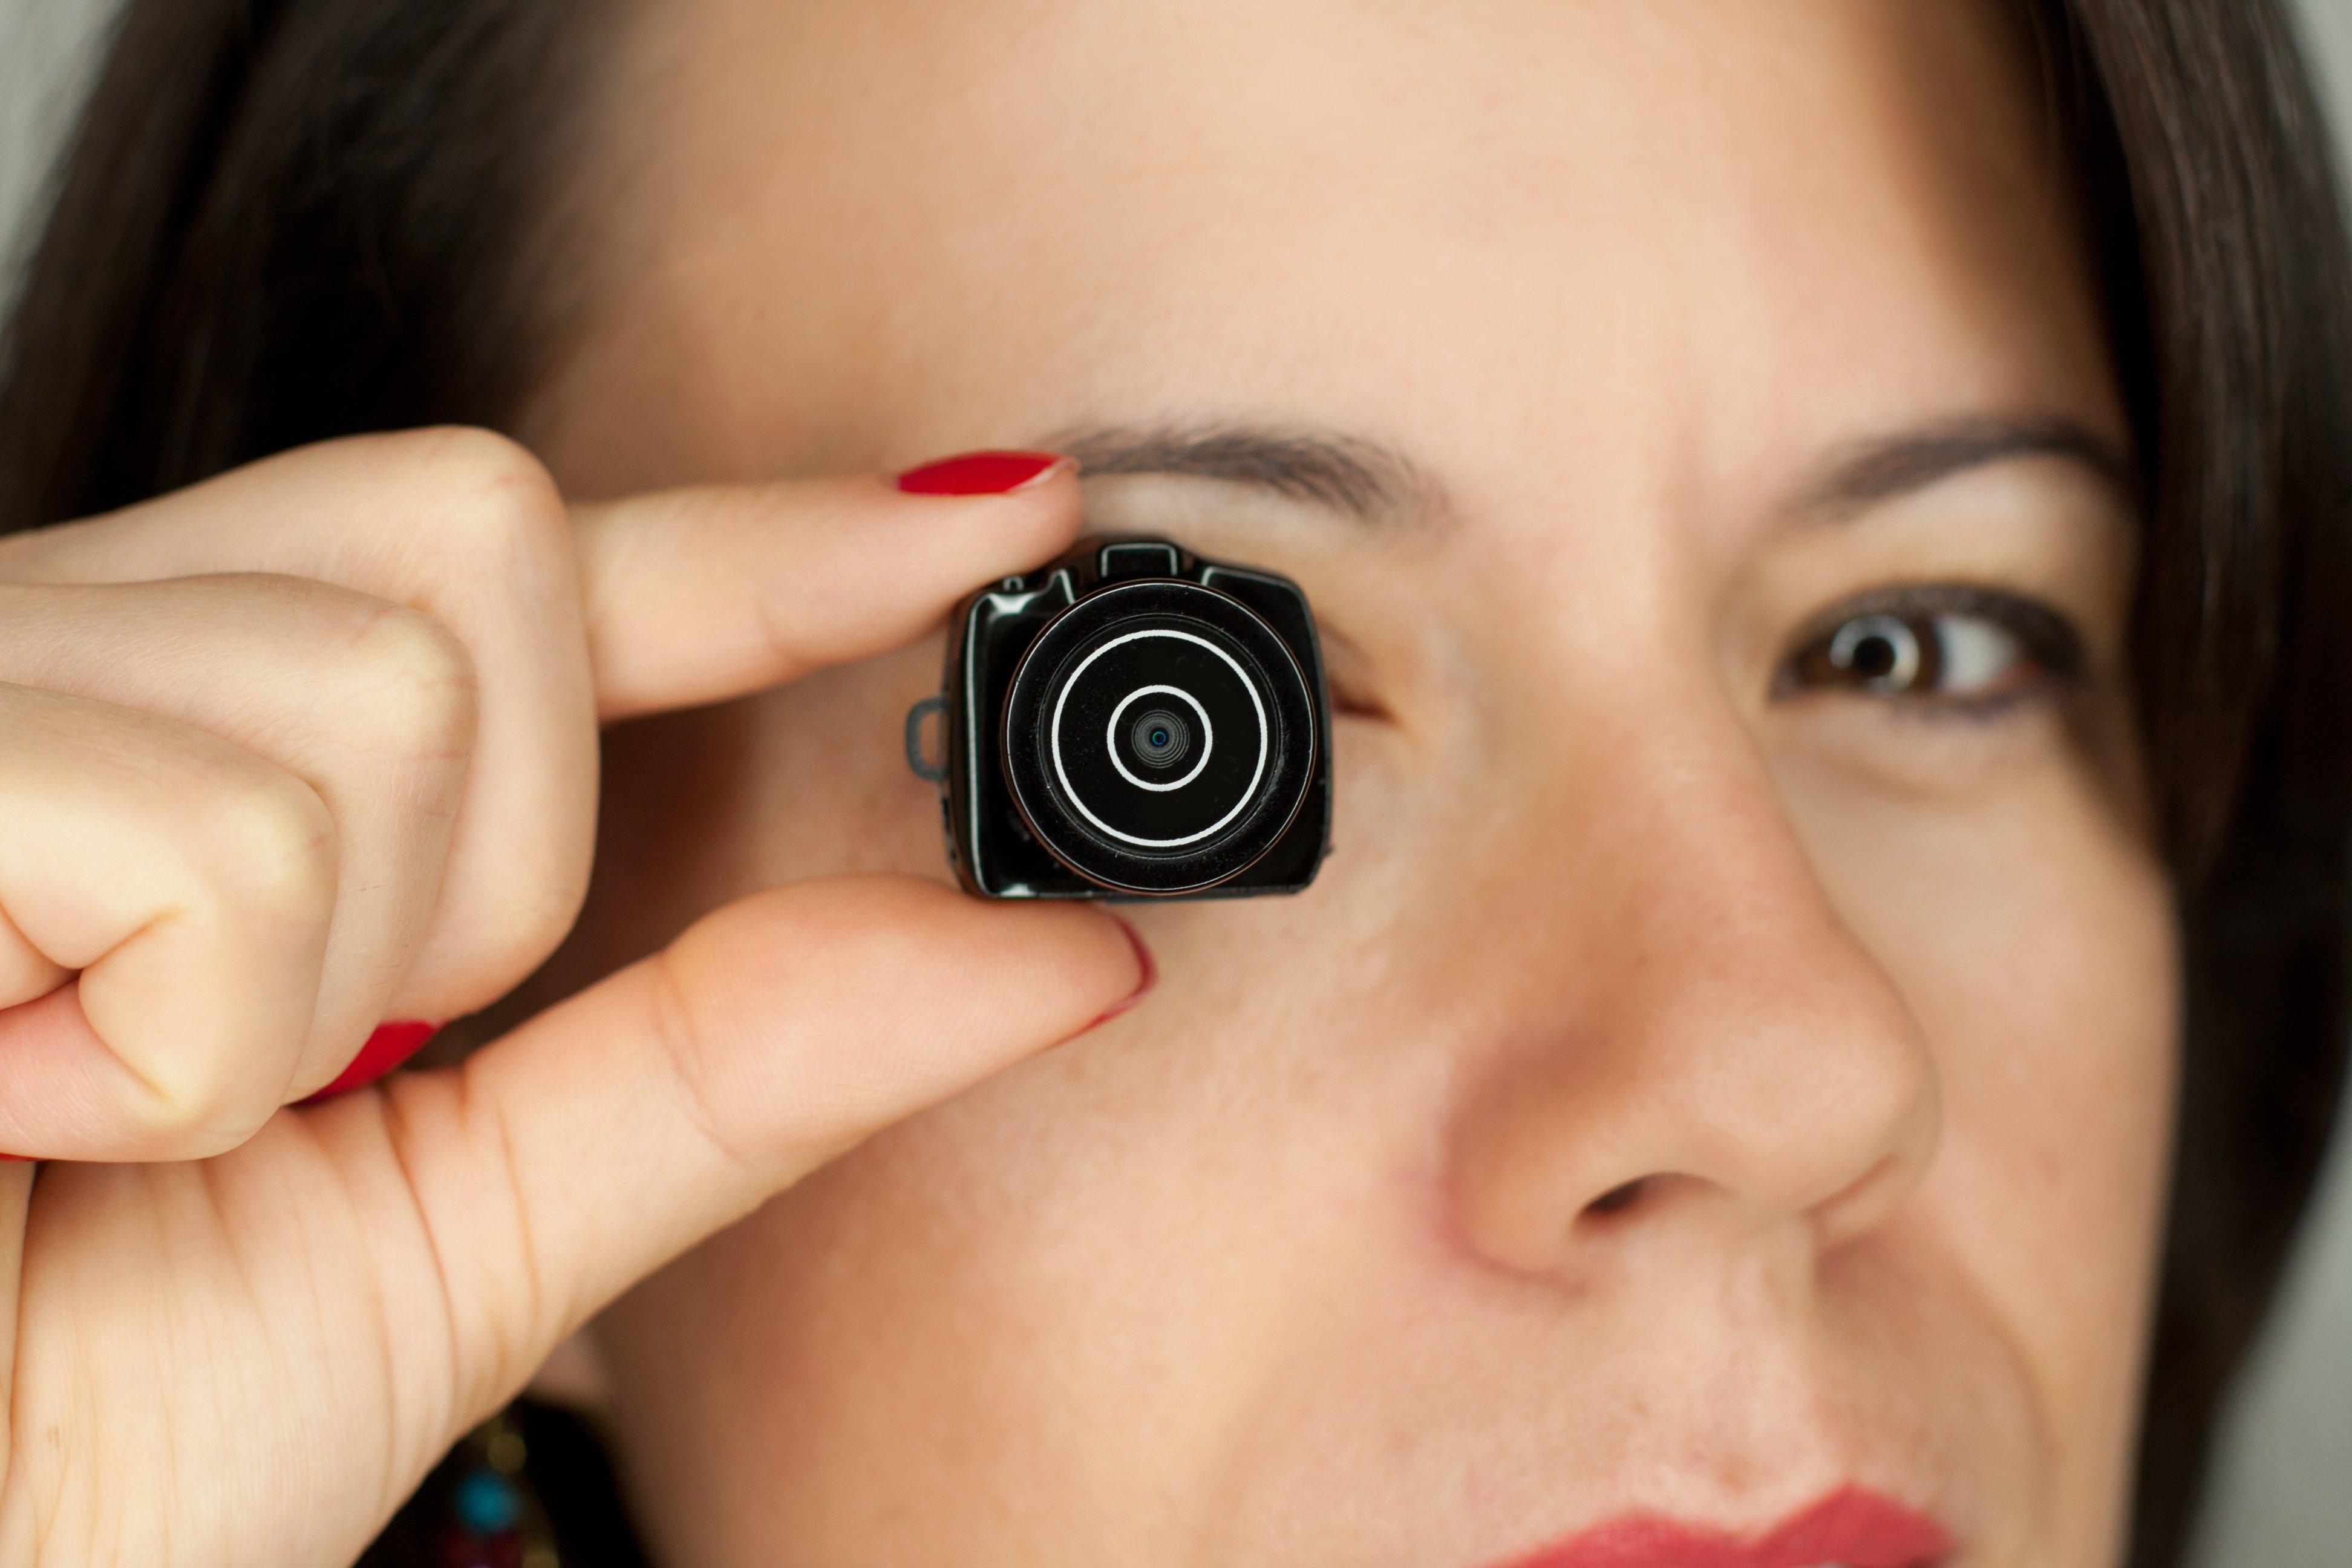 Mujer con mini cámara de fotos dslr. Fuente: Shutterstock